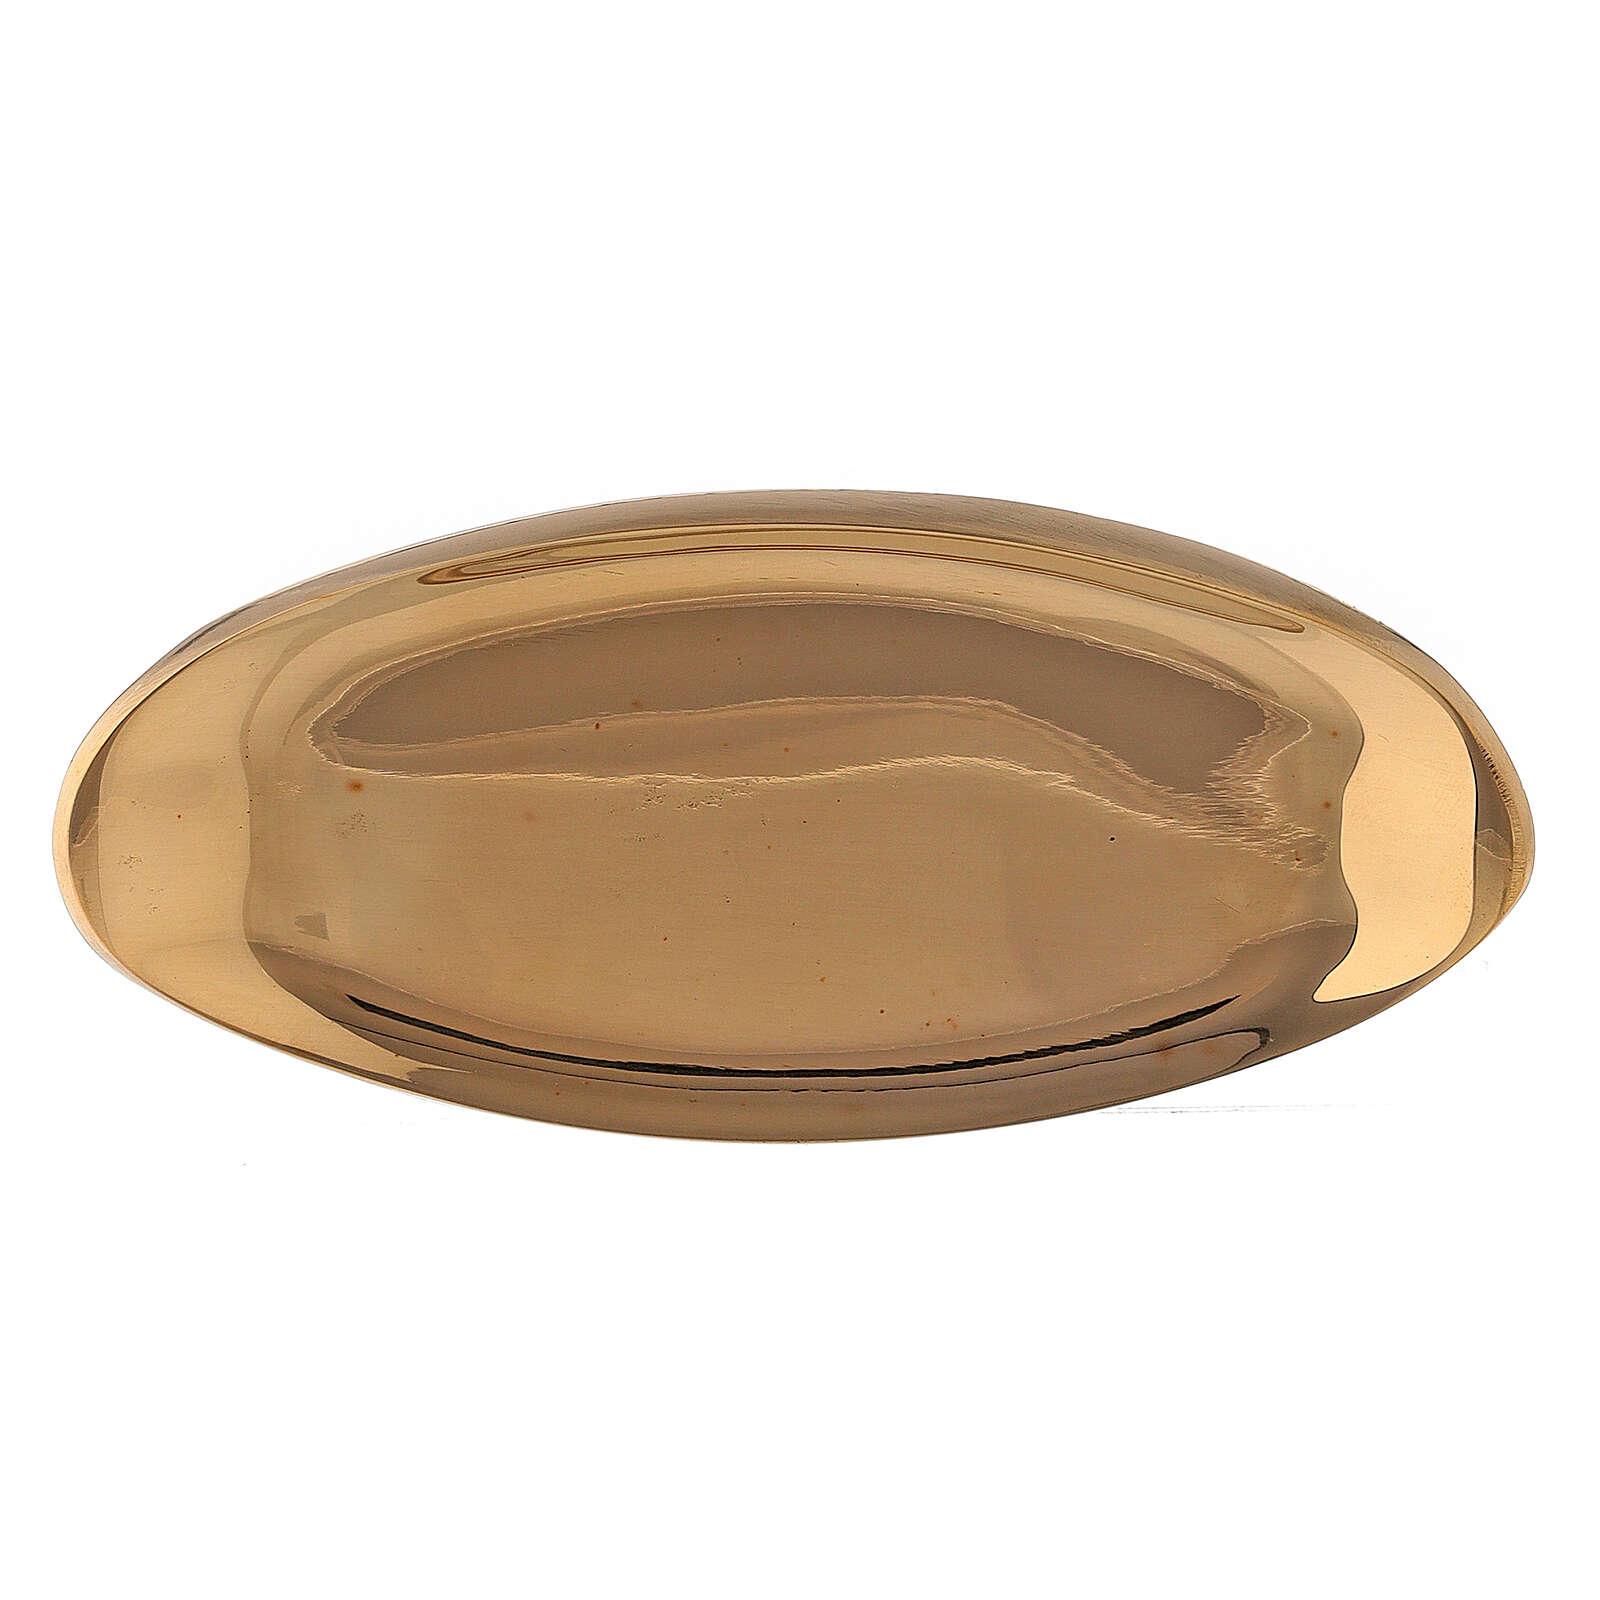 Piatto portacandela ottone dorato lucido barca 9x4 cm 3